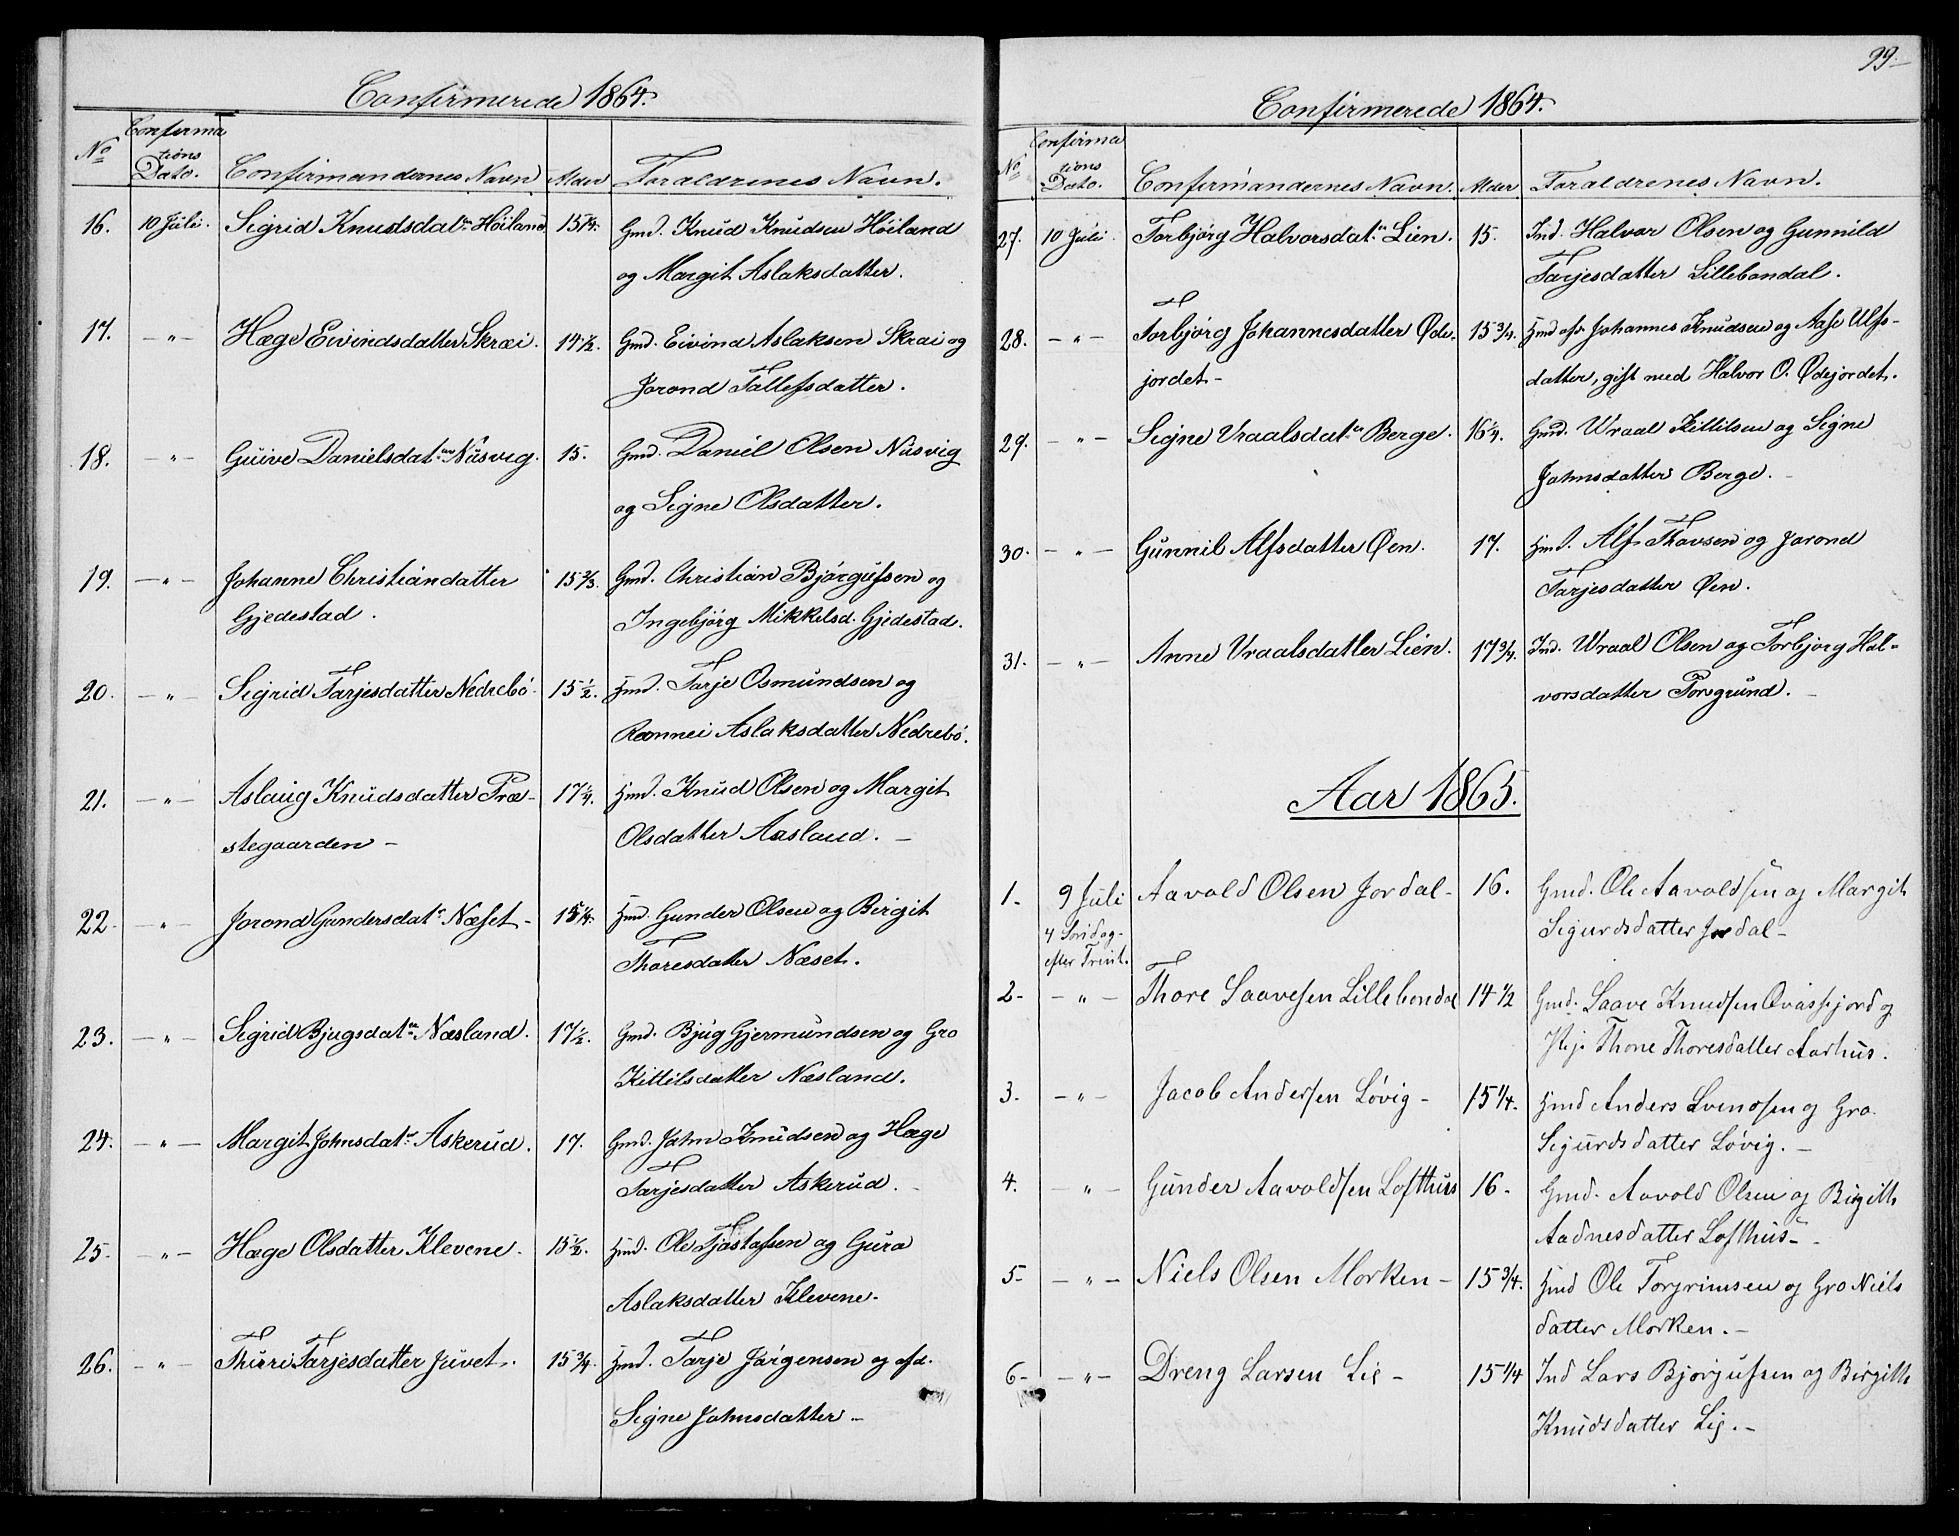 SAKO, Fyresdal kirkebøker, G/Ga/L0004: Klokkerbok nr. I 4, 1864-1892, s. 99